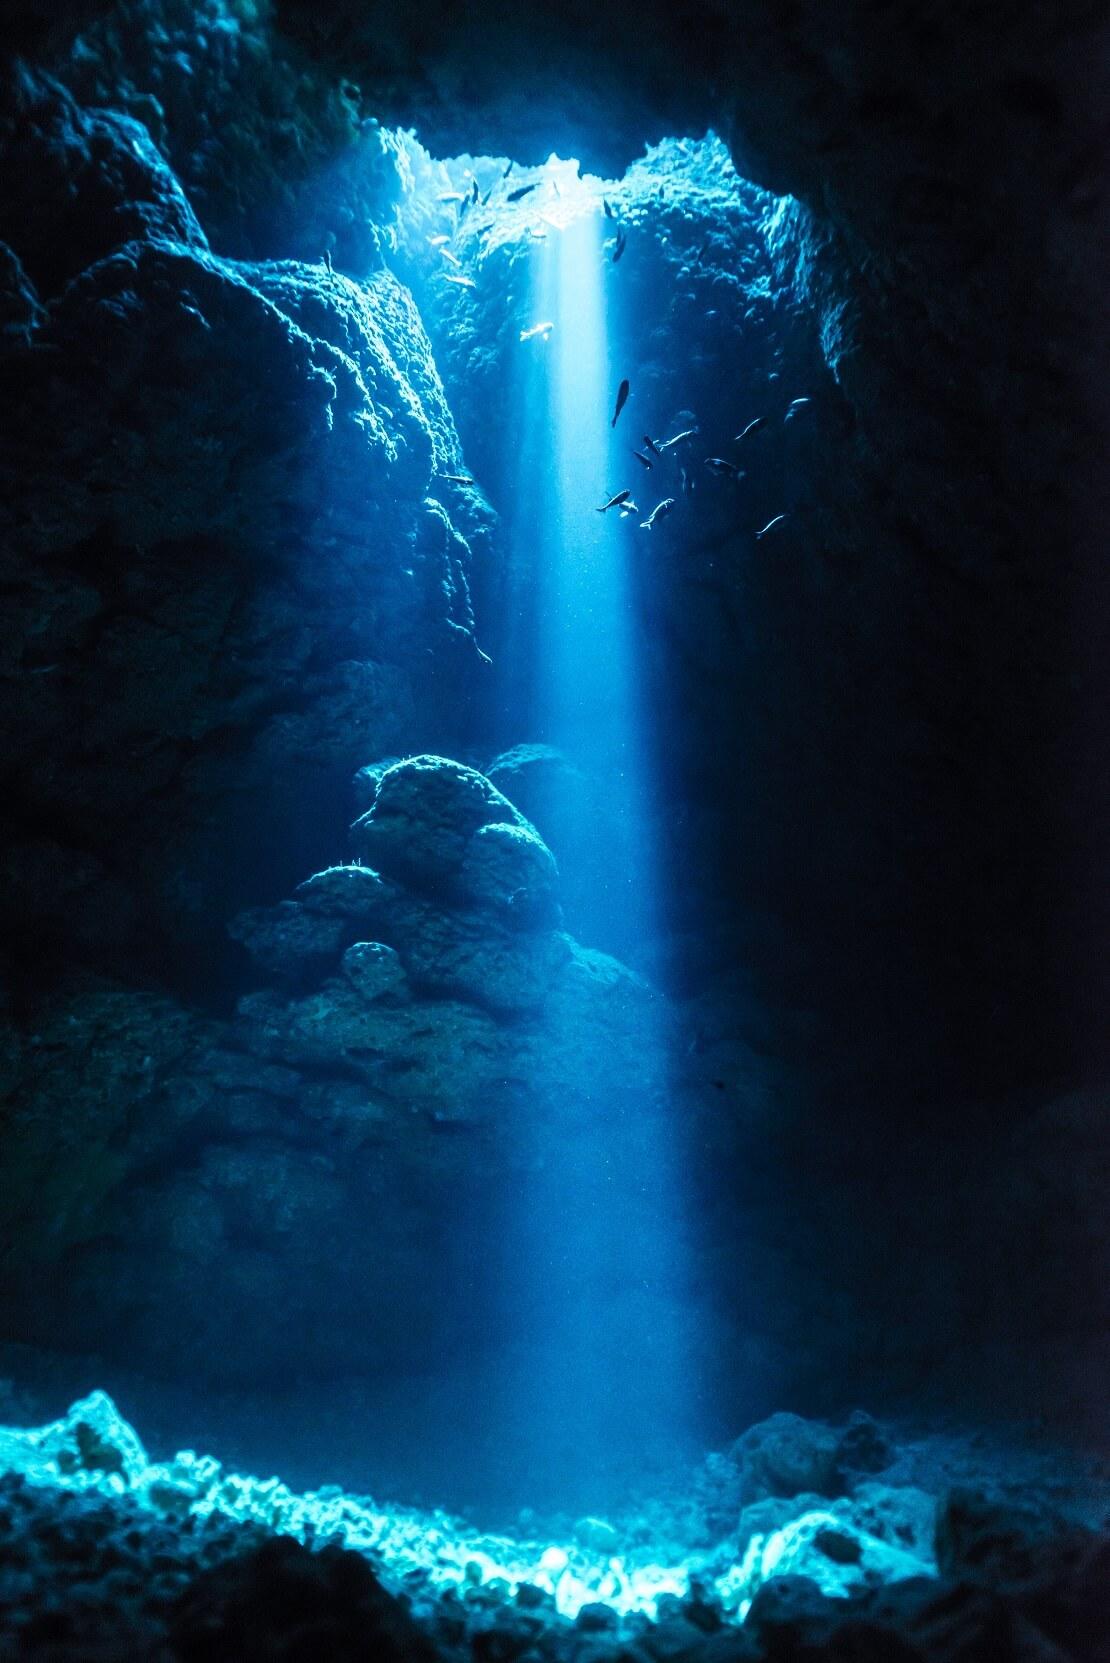 Fische schwimmen in einem Blue Hole bei Sonnenschein